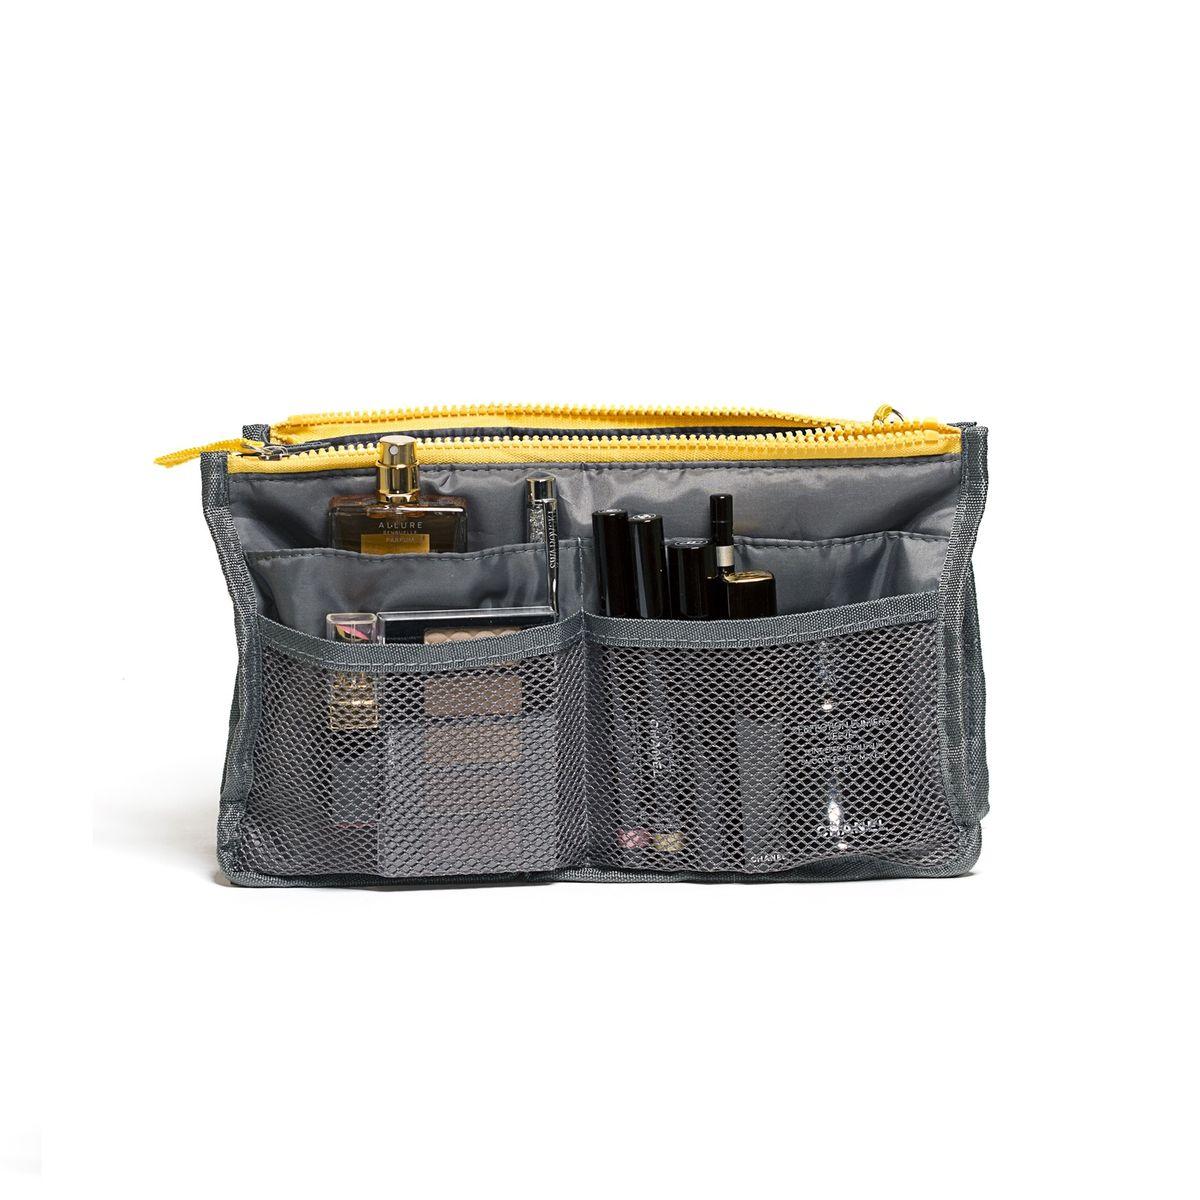 Органайзер для сумки Homsu, цвет: серый, 30 x 8,5 x 18,5 смRG-D31SОрганайзер для сумки Homsu выполнен из ткани и полиэстера. Этот органайзер благодаря трем вместительным отделениям для вещей, четырем кармашкам по бокам и шести кармашкам в виде сетки обеспечит полный порядок в вашей сумке. Кроме того, изделие обладает интересным стилем, выполнено в сером цвете и оснащено двумя крепкими ручками, что позволяет применять его и вне сумки, как отдельный аксессуар.